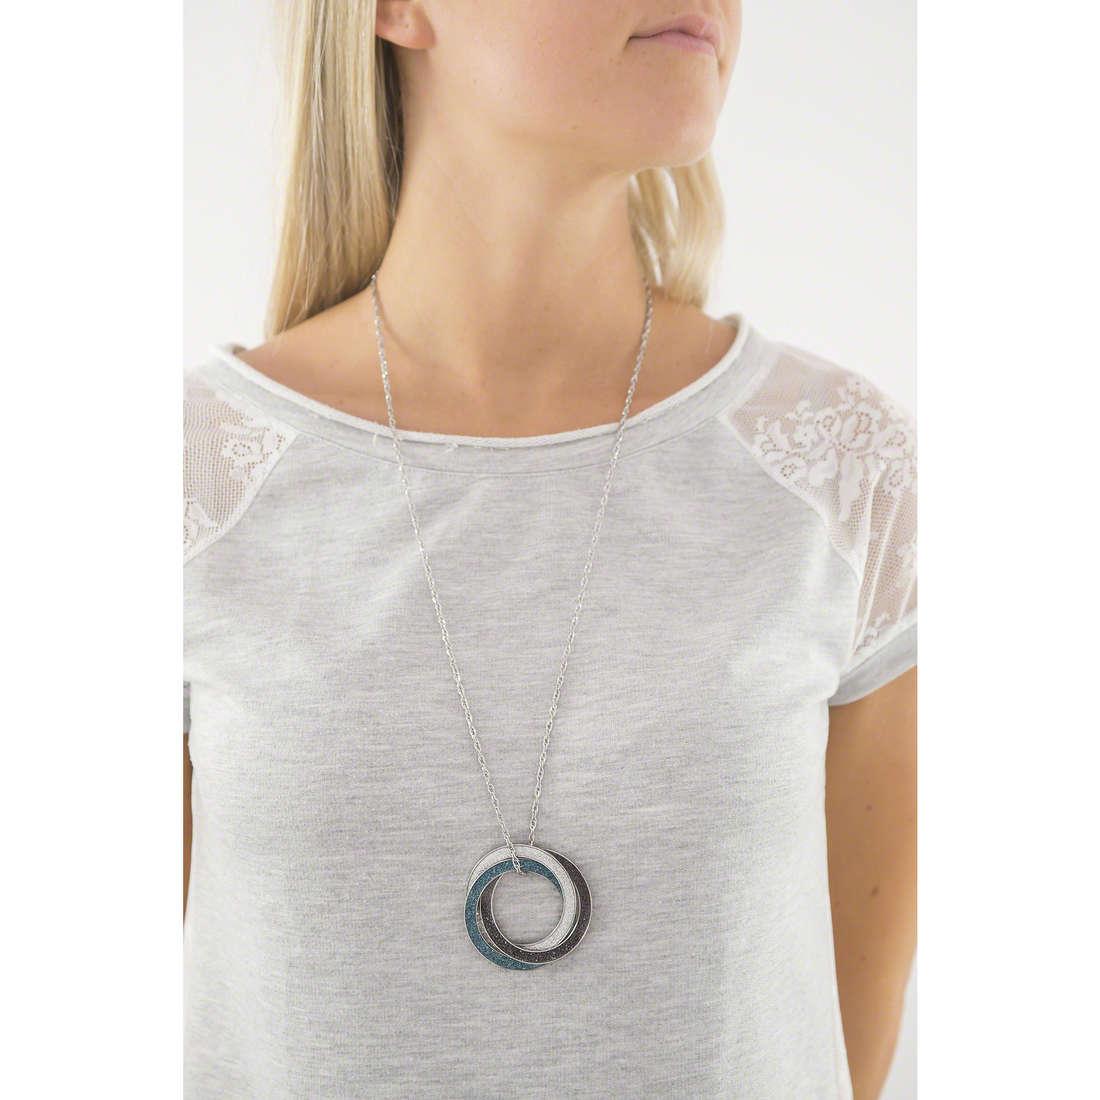 Sagapò colliers Trinidad femme STR13 indosso